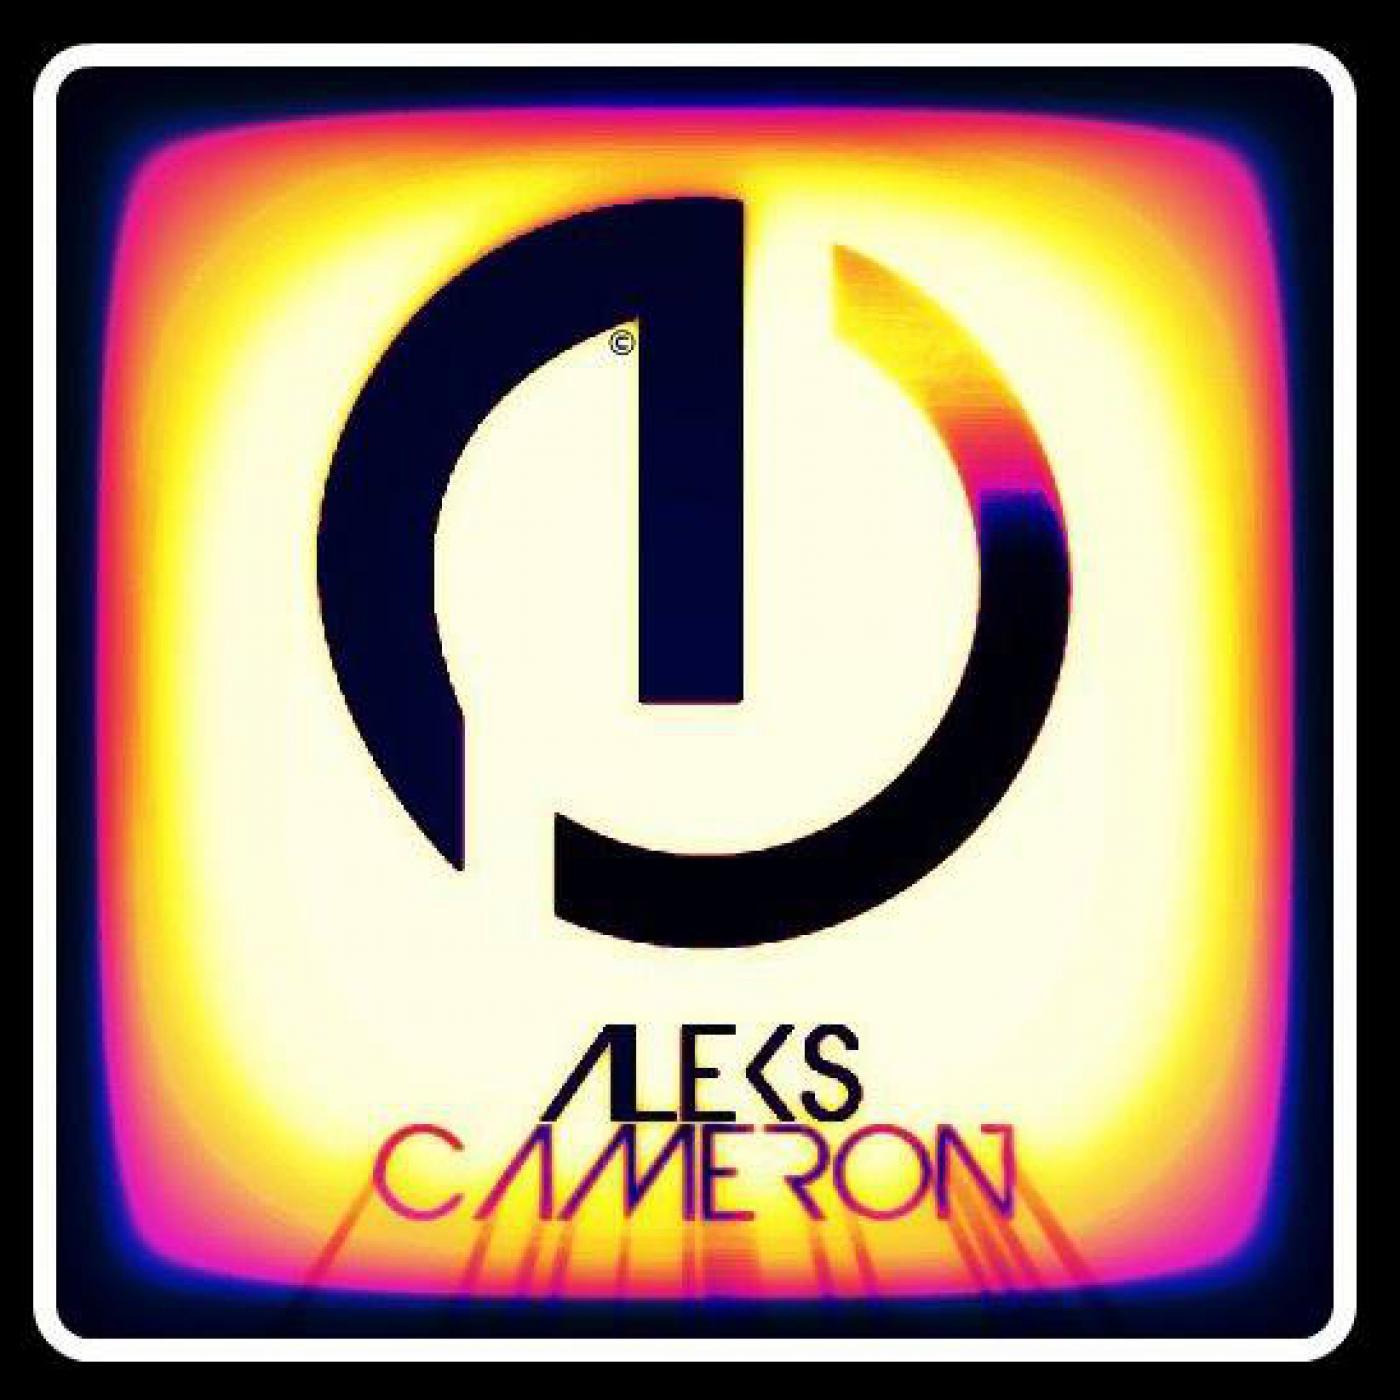 Aleks CAMERON - MIXOLOGY